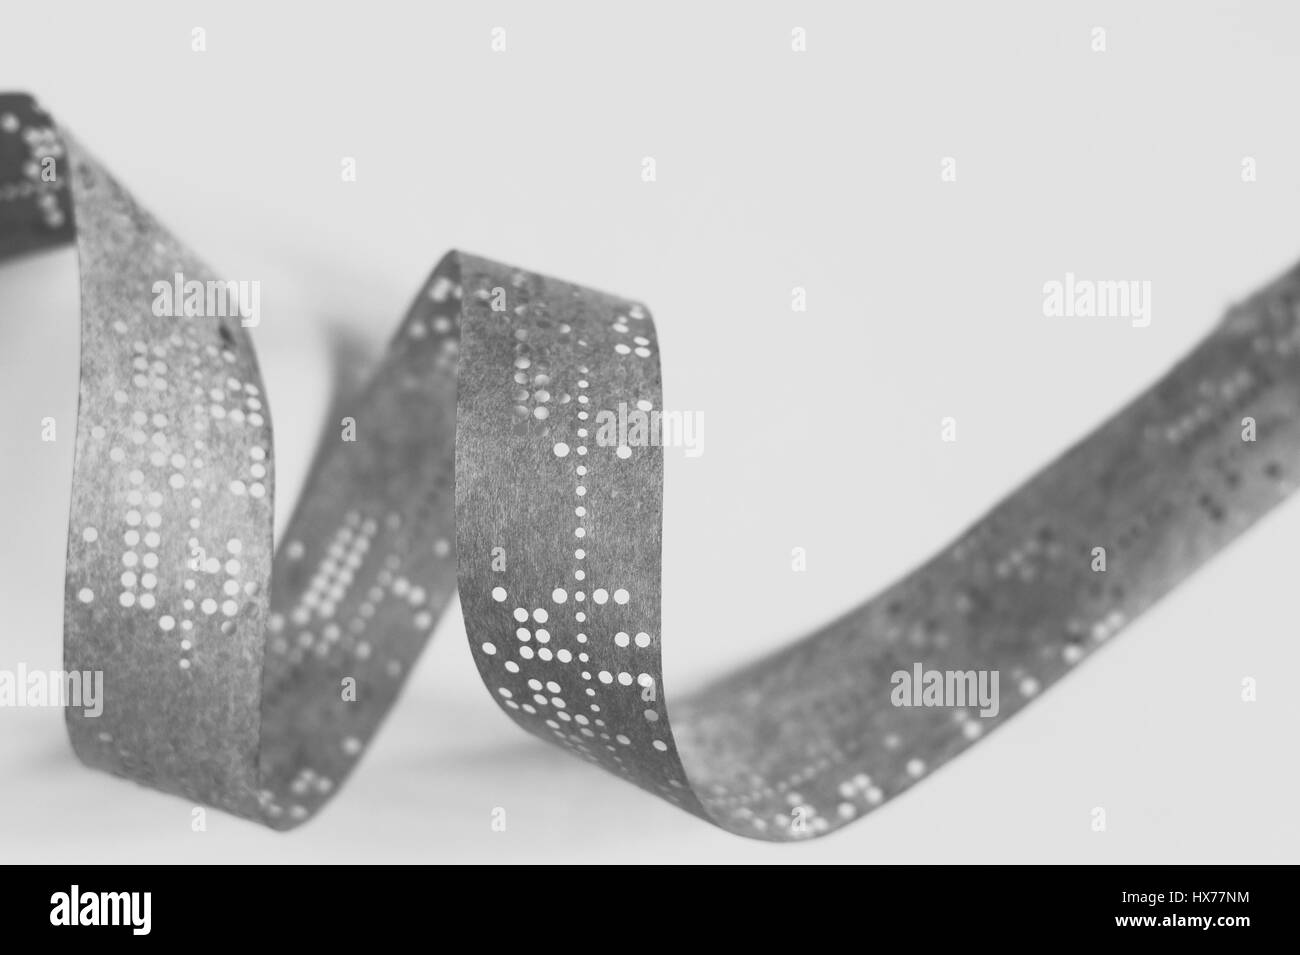 Tiras de vieja cinta perforada en la superficie blanca Imagen De Stock